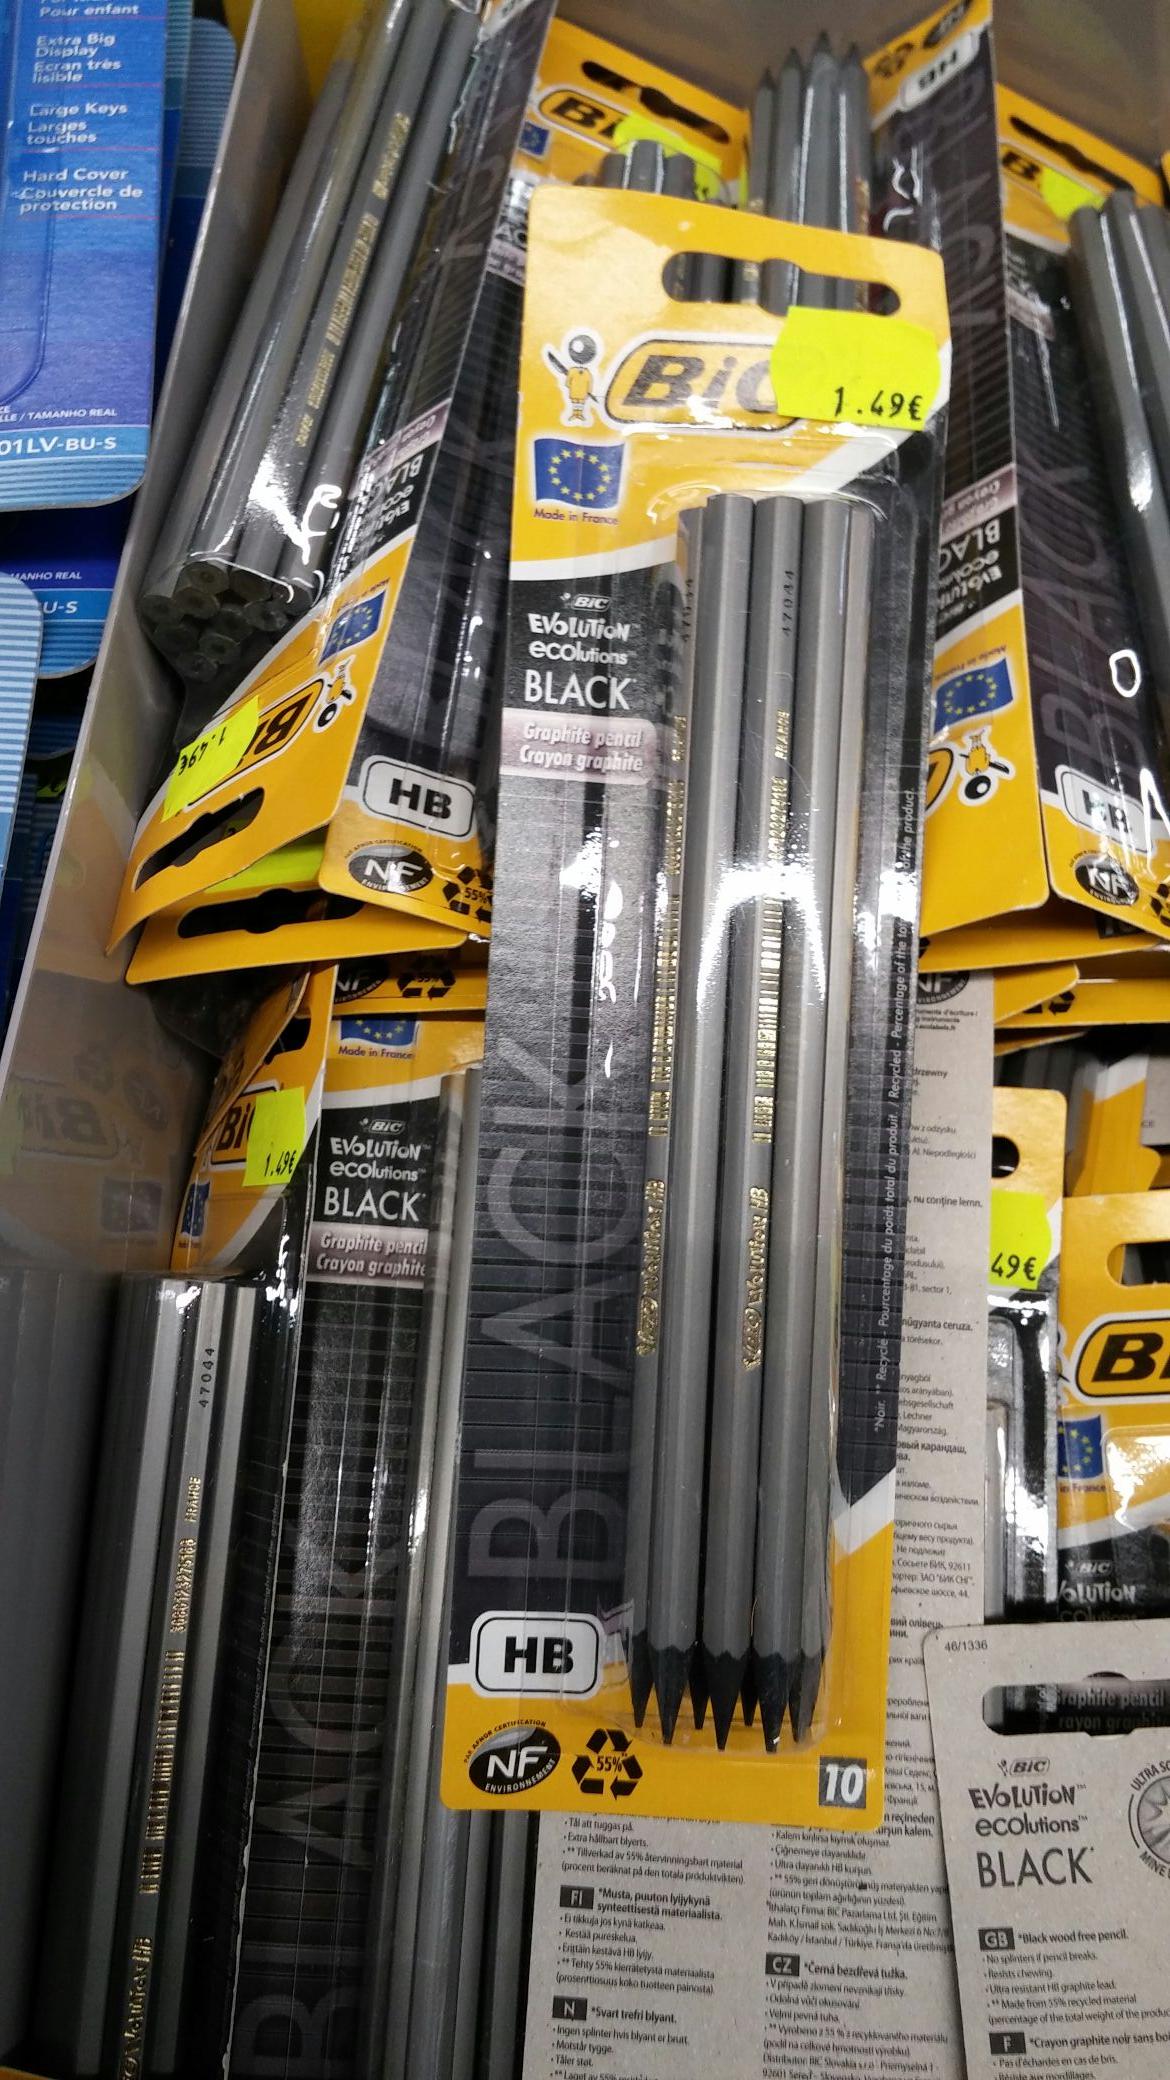 Pack de 10 crayons de papier Bic Eco Graphite Black - HB